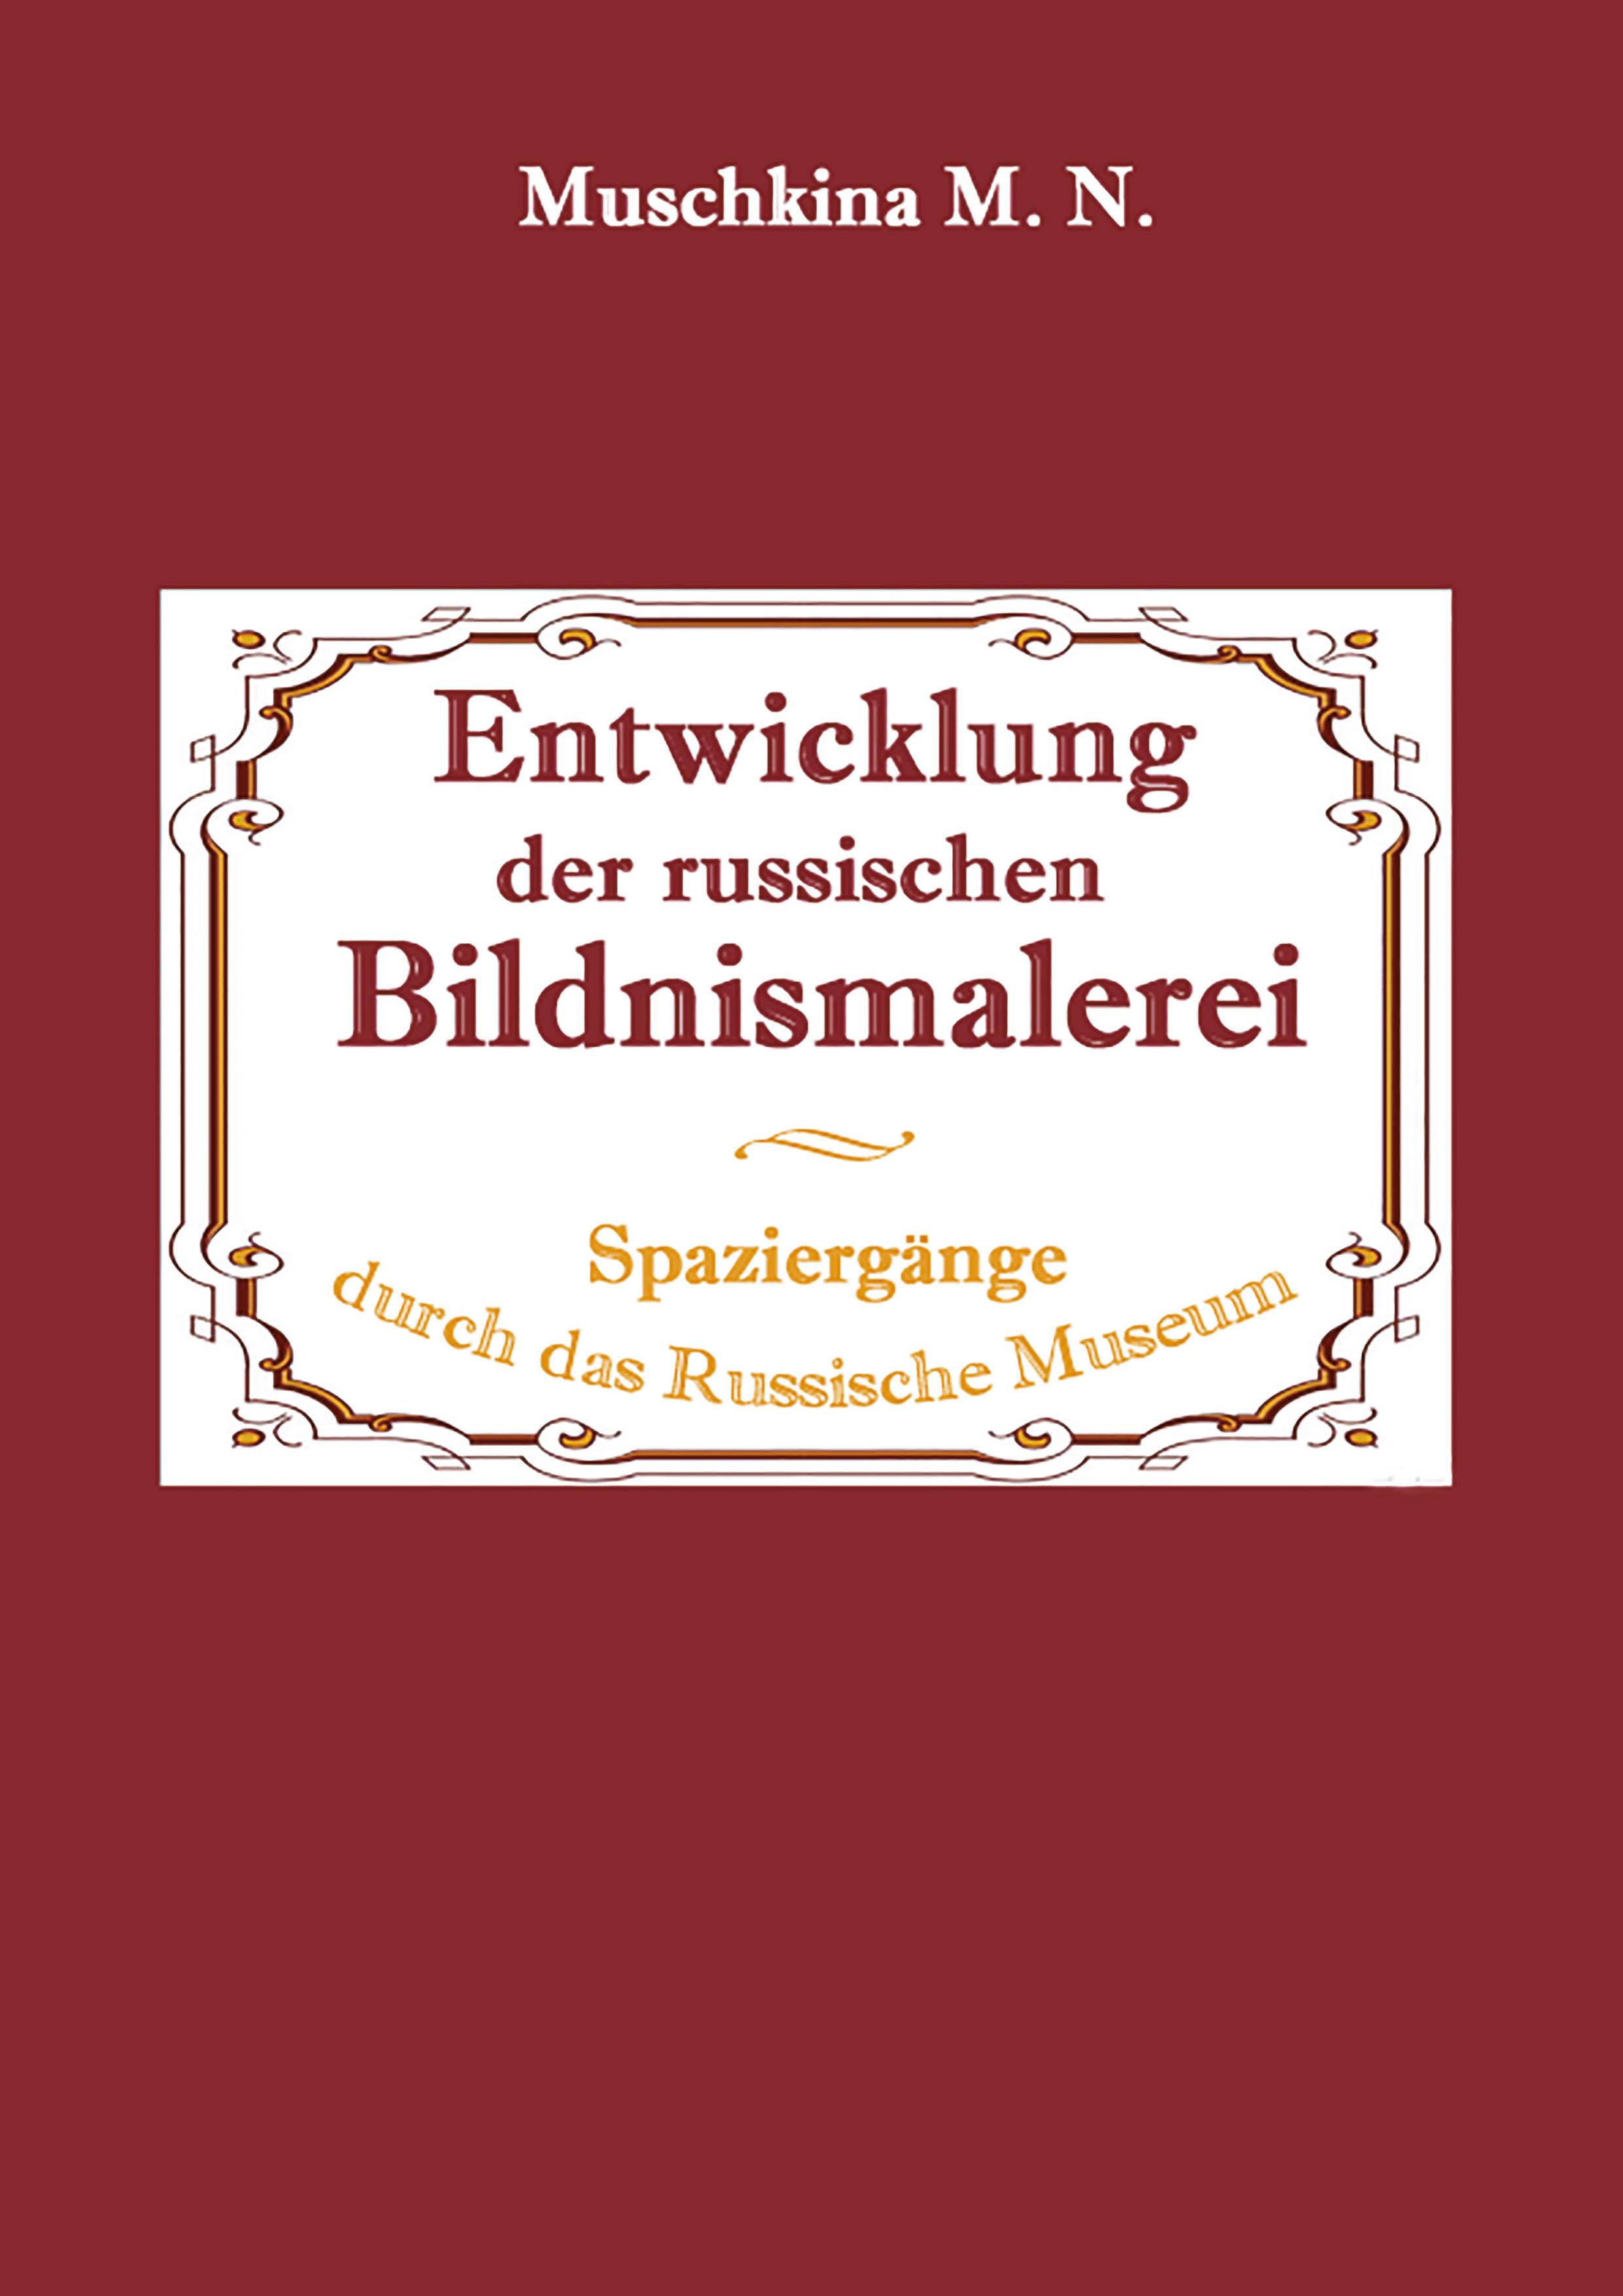 Купить книгу Spaziergänge durch das Russische Museum, автора